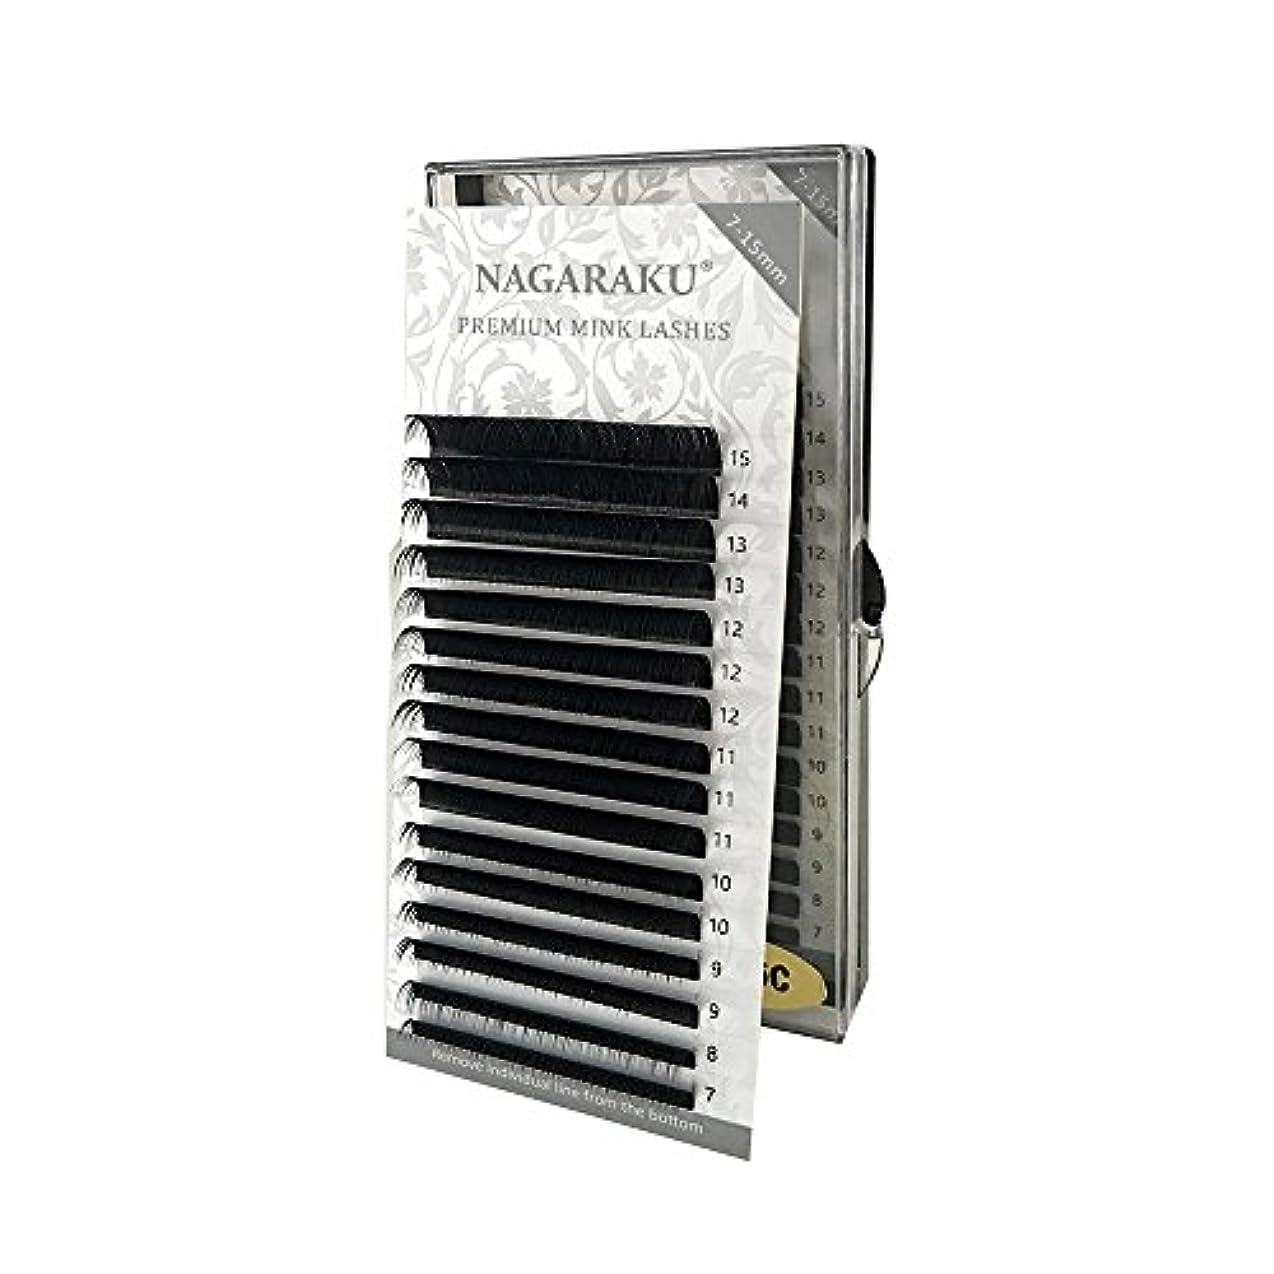 効率的に効率的に路地NAGARAKU 太さ0.12mm J カール 7~15mmミックス まつ毛エクステンション